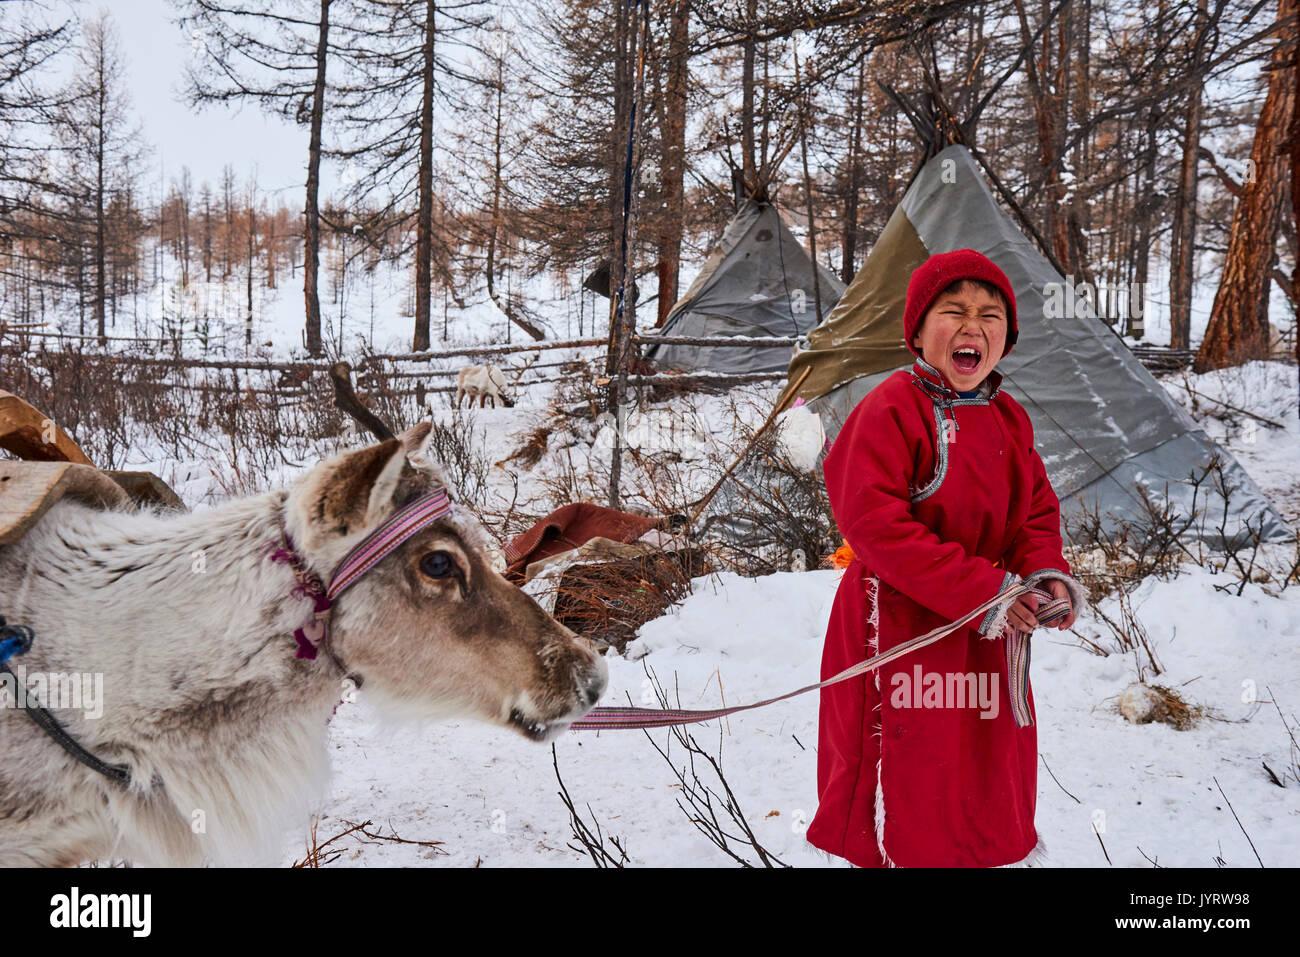 Mongolia, Khovsgol provincia, Tsaatan, renne Herder, il Winter Camp, giovane ragazzo per chiamare le sue renne Immagini Stock